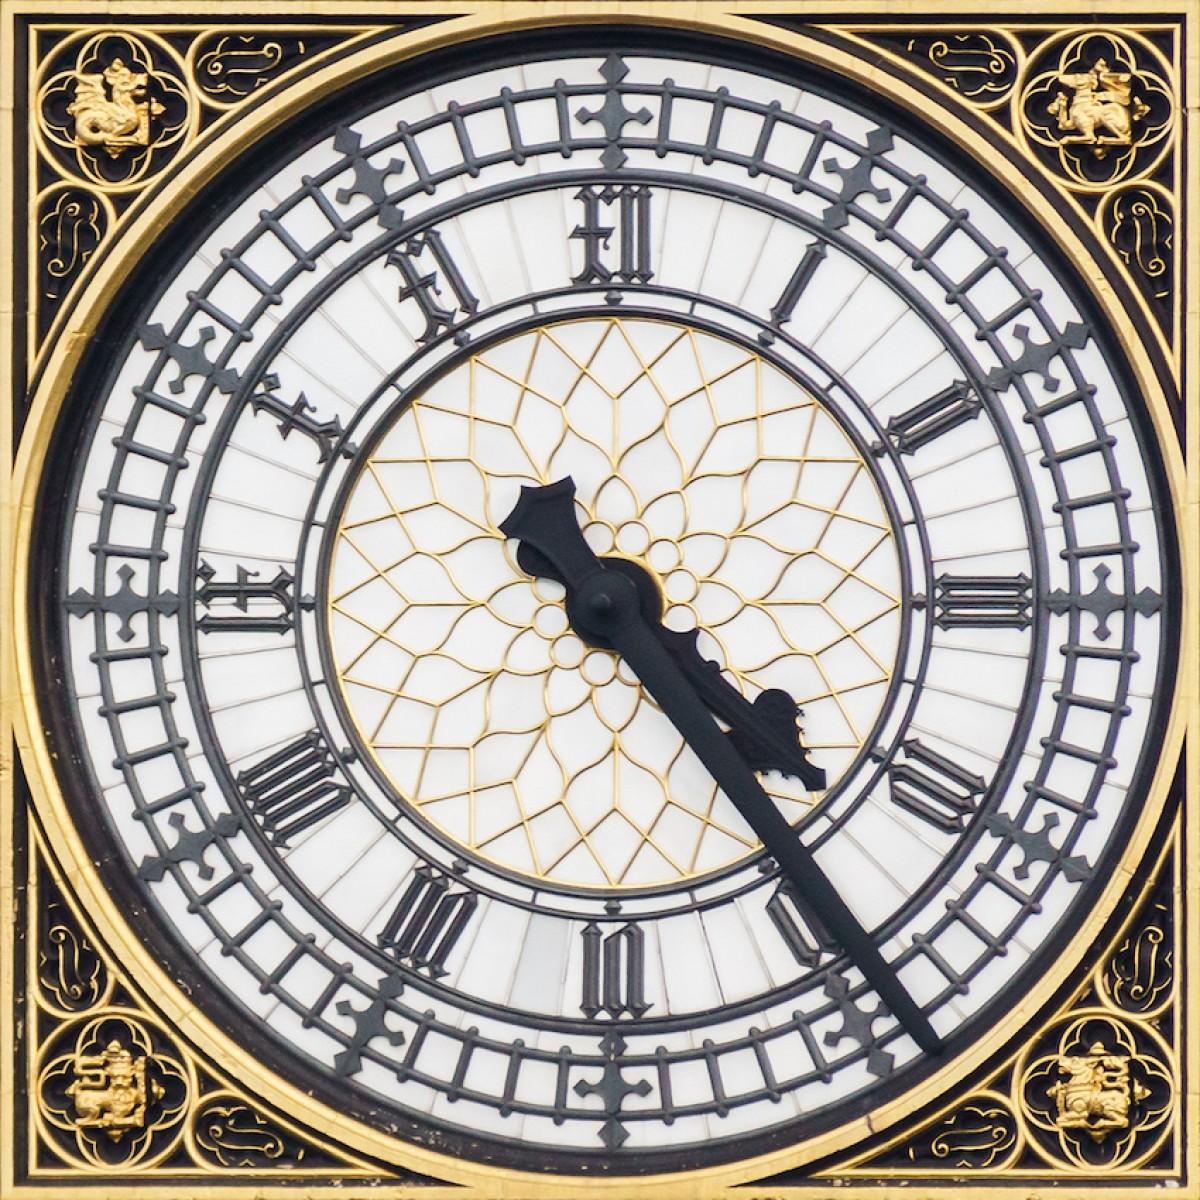 Tot i les obres de remodelació, una de les quatre cares del rellotge continuarà funcionant.